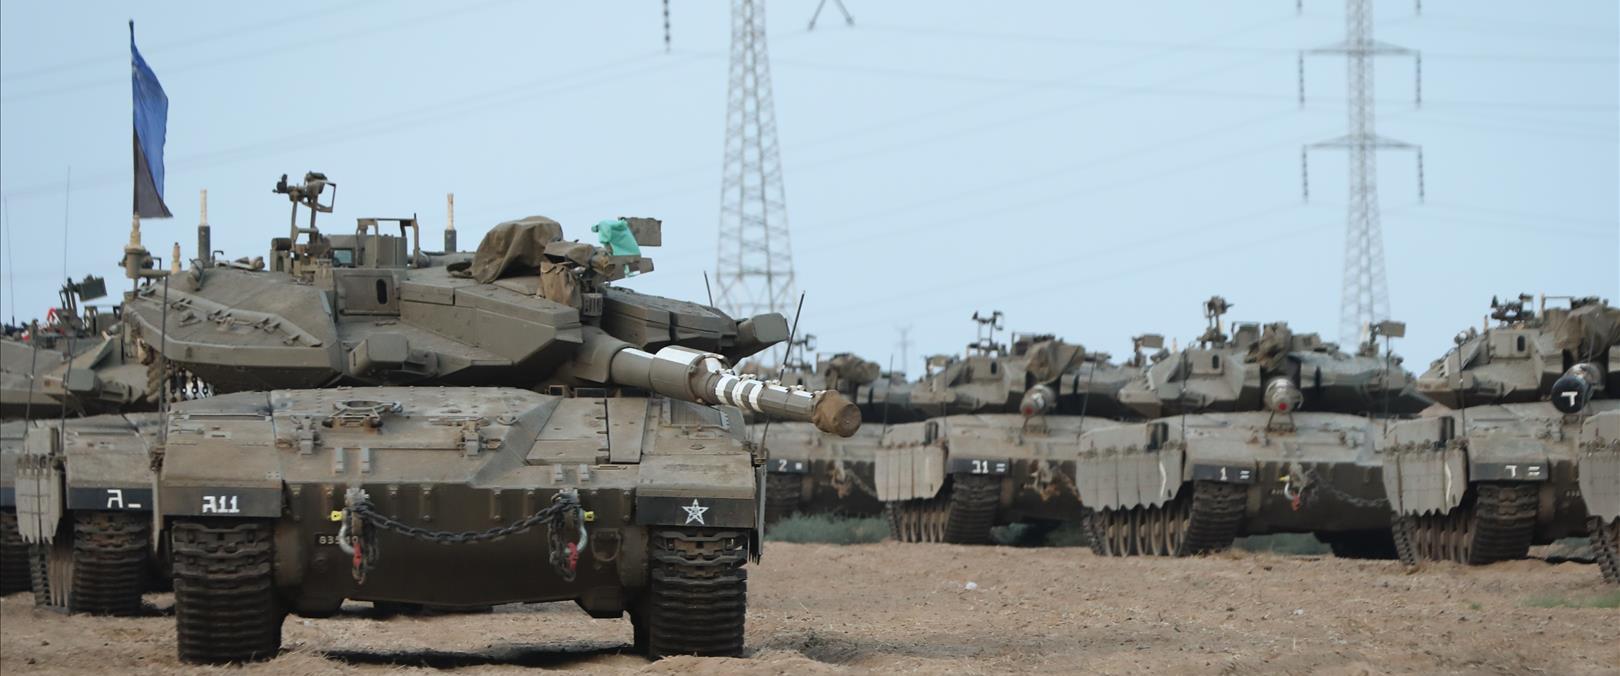 """טנק, צה""""ל, שריון, עזה, רצועת עזה"""